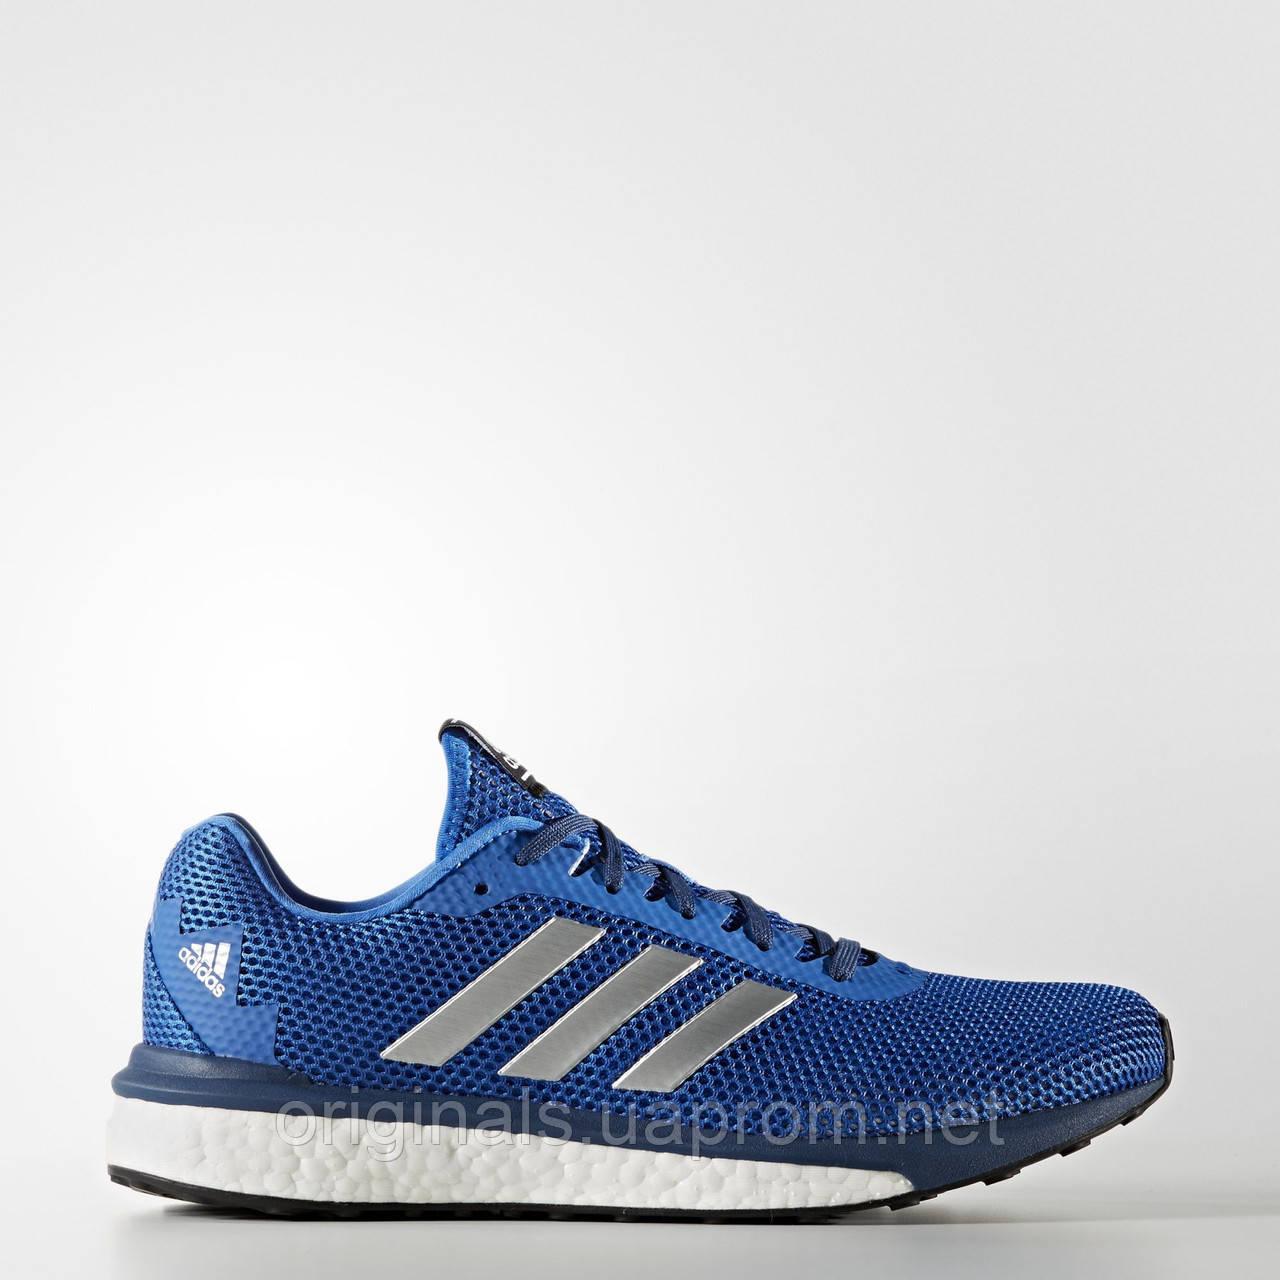 32e522b7 Мужские беговые кроссовки Adidas Vengeful BA7938 - интернет-магазин  Originals - Оригинальный Адидас, Рибок